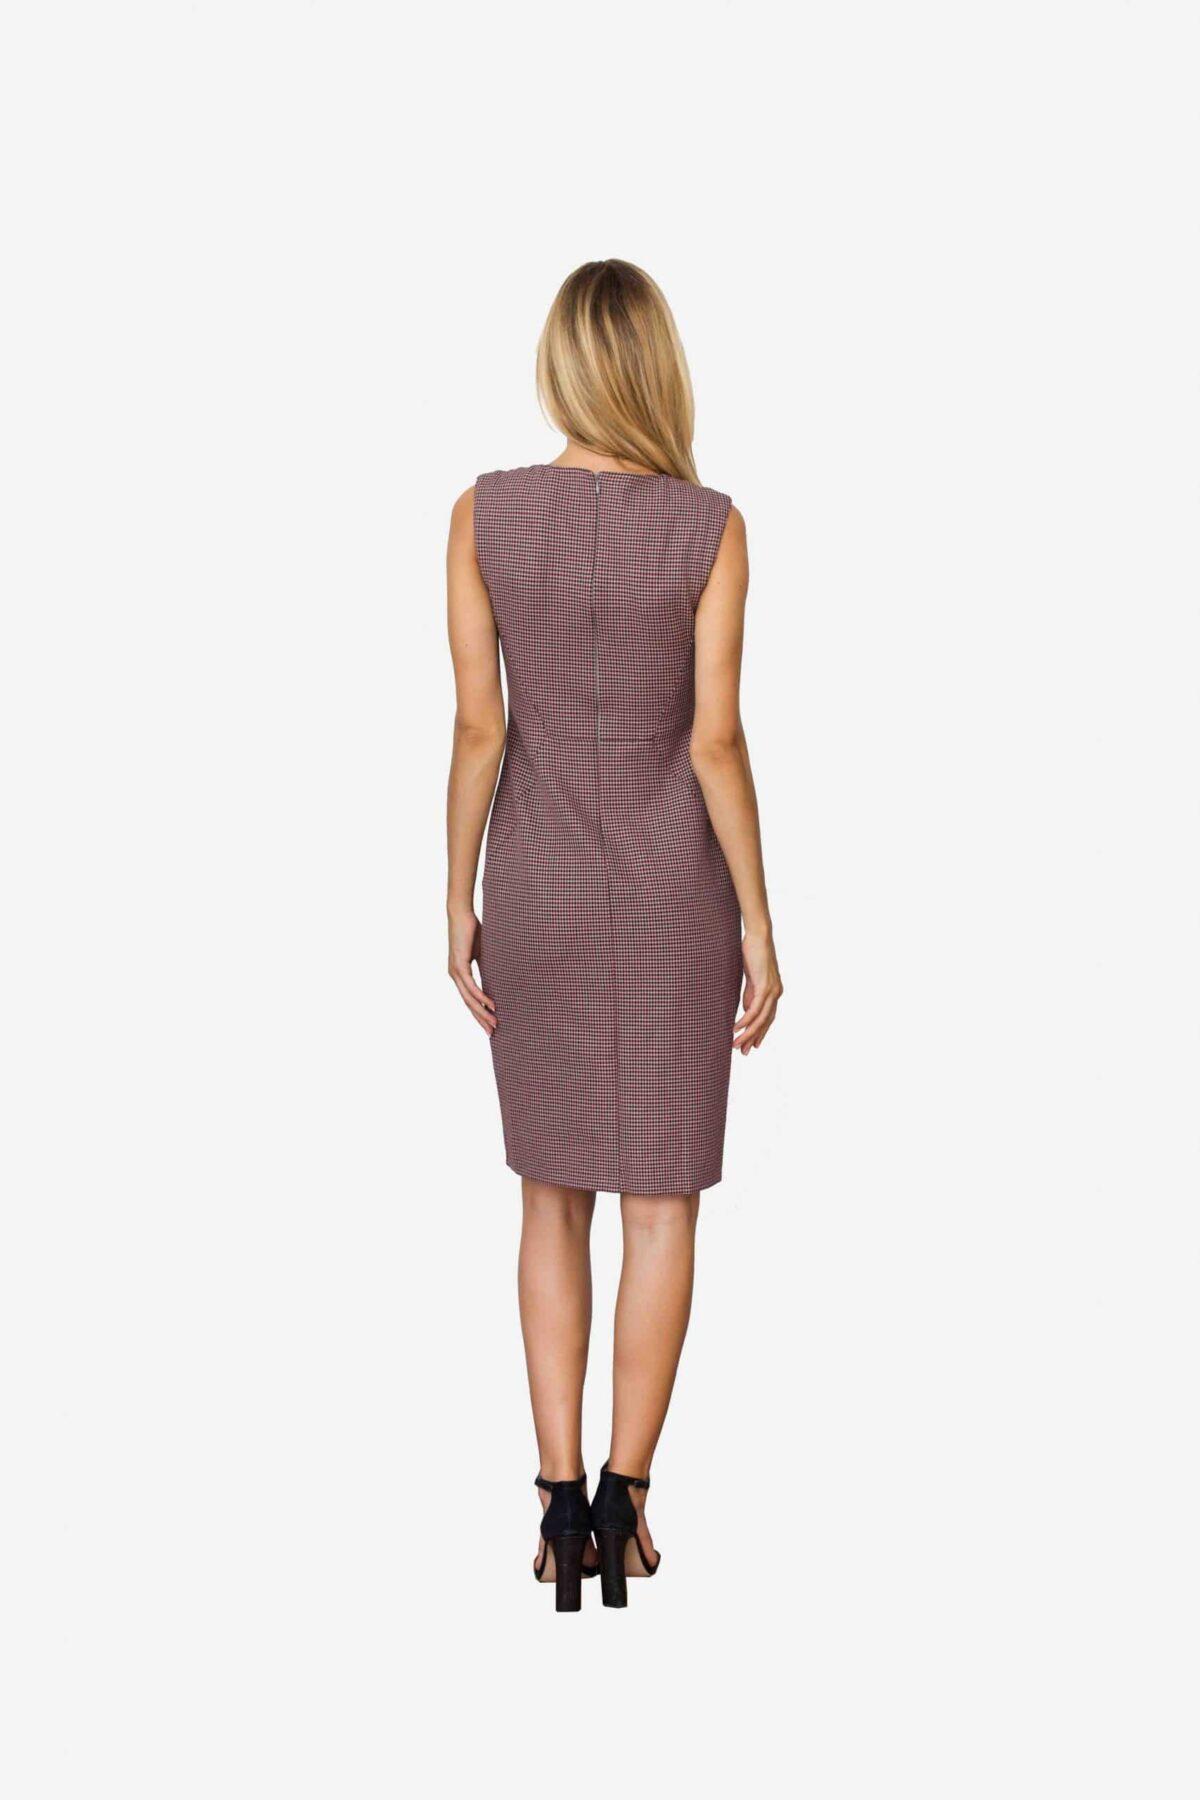 Kleid Deine von SANOGE. Figurbetontes Etuikleid ärmellos mit Pepita Muster in rose, altrosa und grau. Betont die Taille für eine feminine Silhouette.